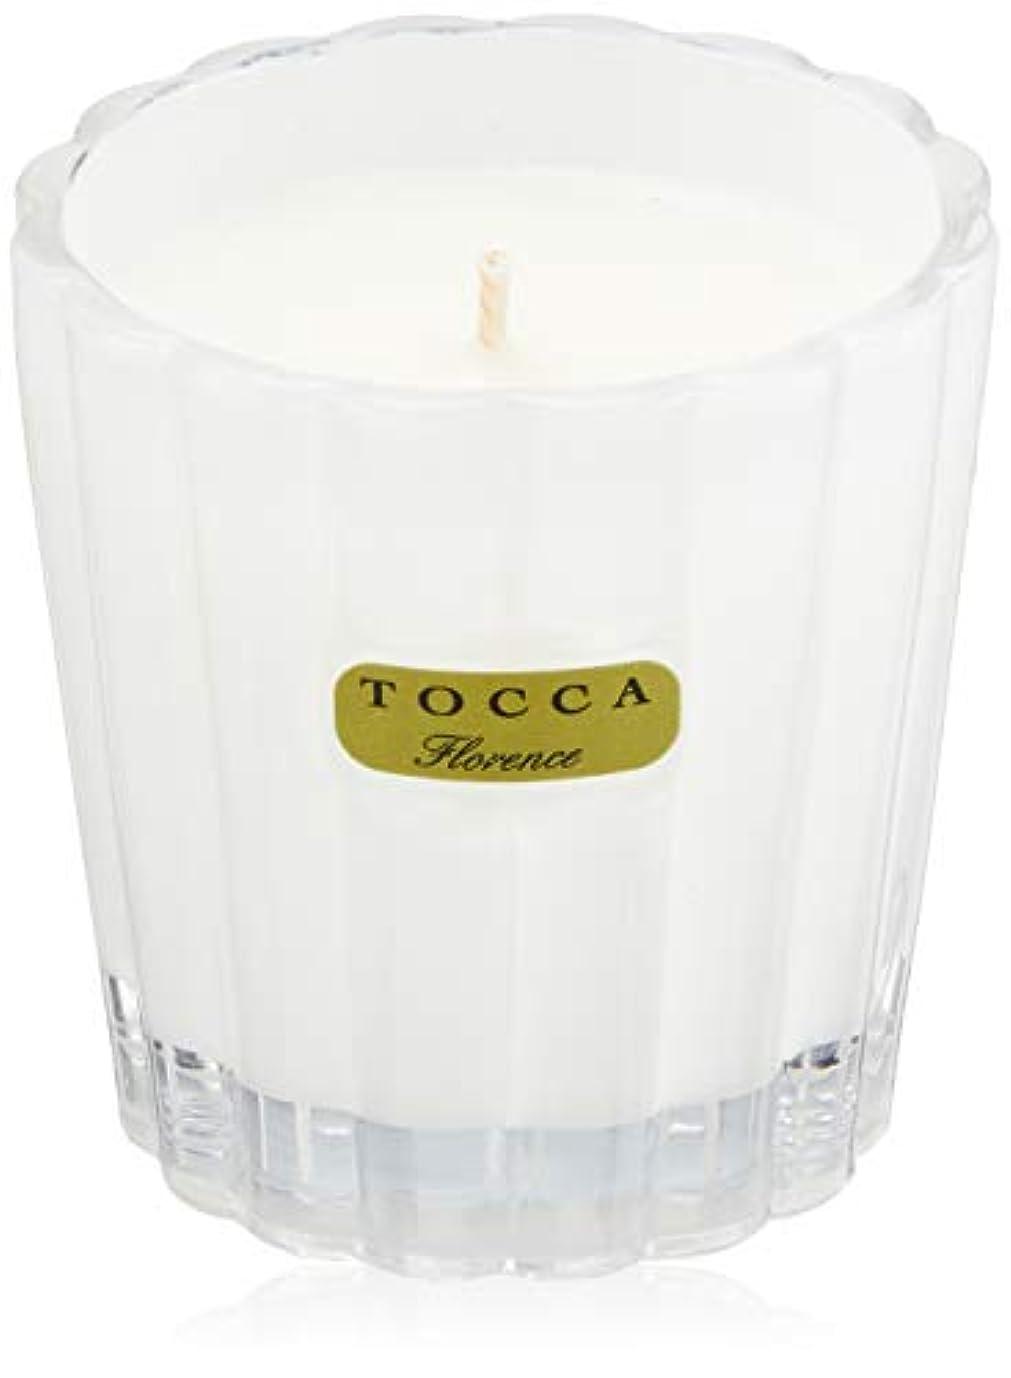 強打ストレージカセットトッカ(TOCCA) キャンデリーナ フローレンスの香り 約85g (キャンドル ろうそく 上品なフローラルの香り)